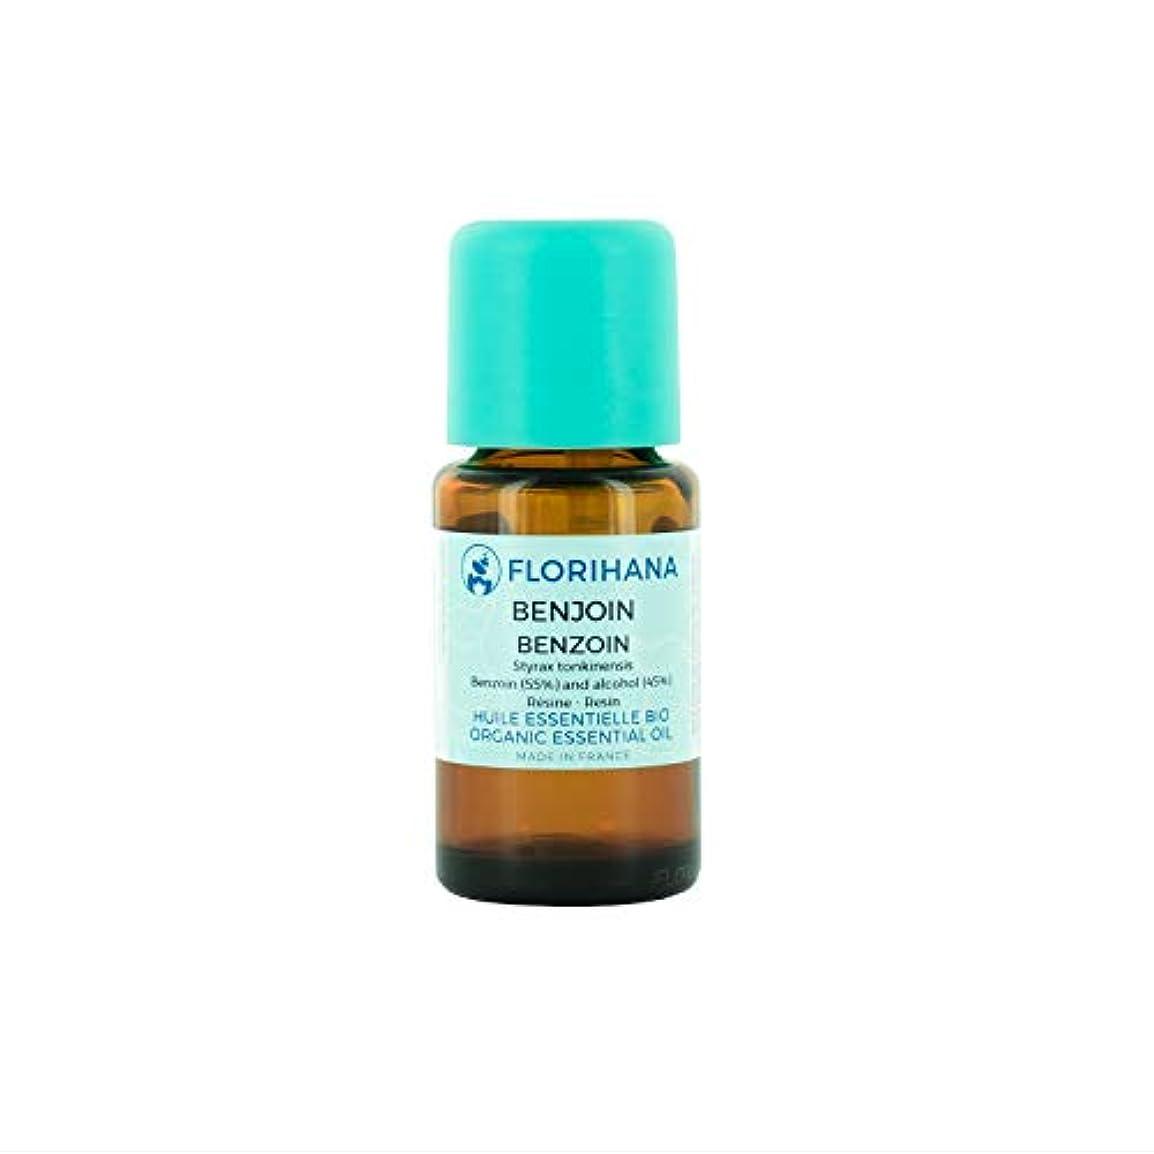 早熟含むランデブーFlorihana オーガニックエッセンシャルオイル ベンゾイン 15g(15ml)